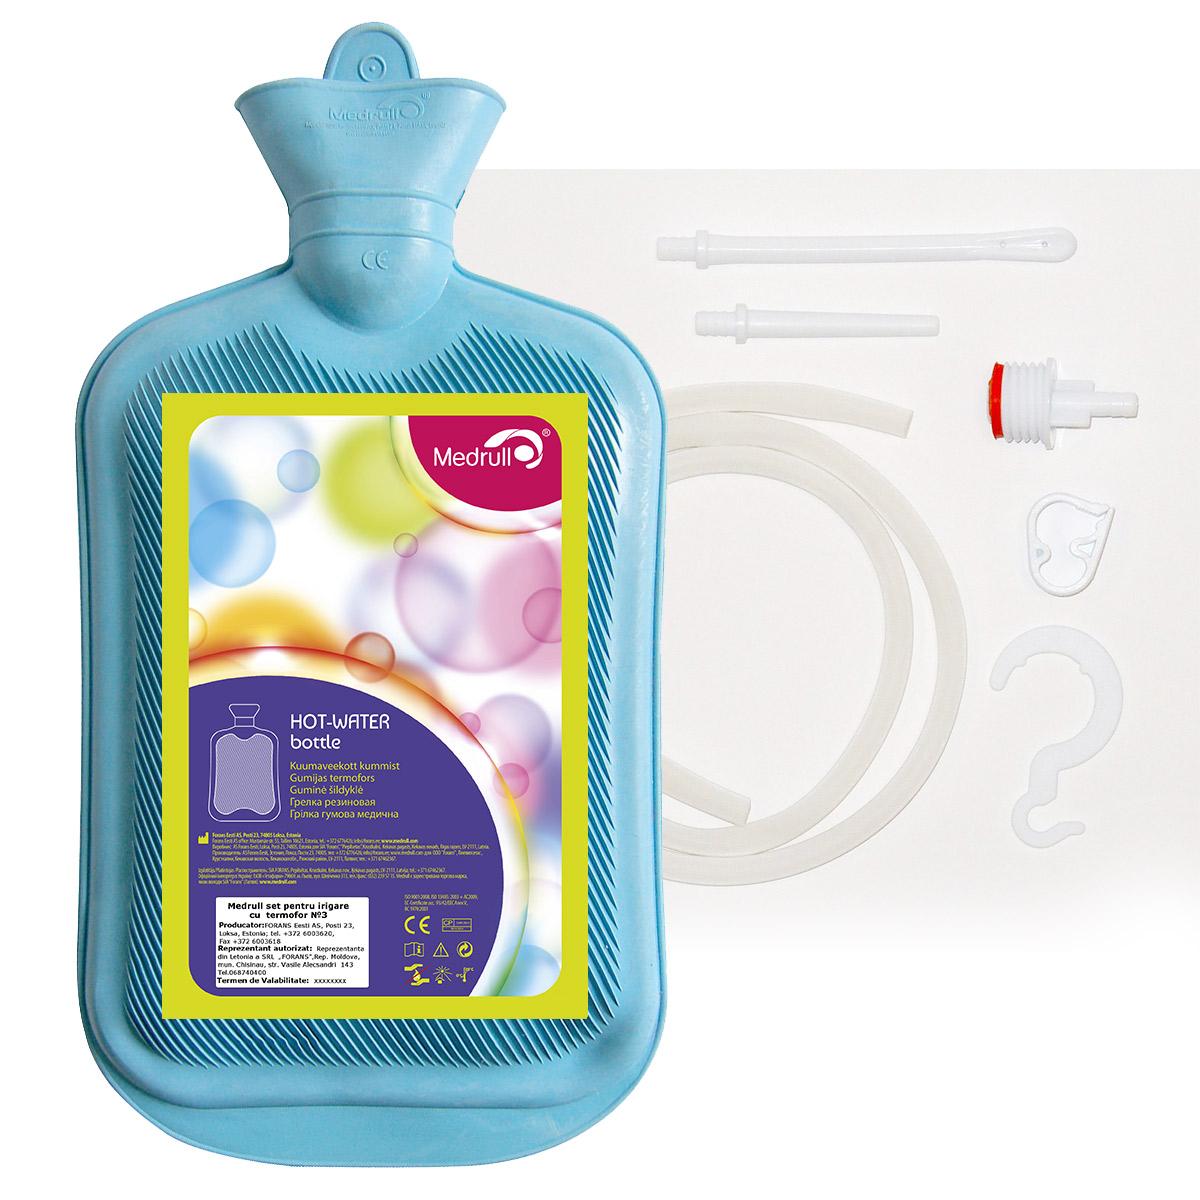 Medrull Грелка резиновая Тип Б-3, комбинированная, 2500 мл4742225006844ГРЕЛКА РЕЗИНОВАЯ Сoстав резина. Вместимость в литрах 2.5л.